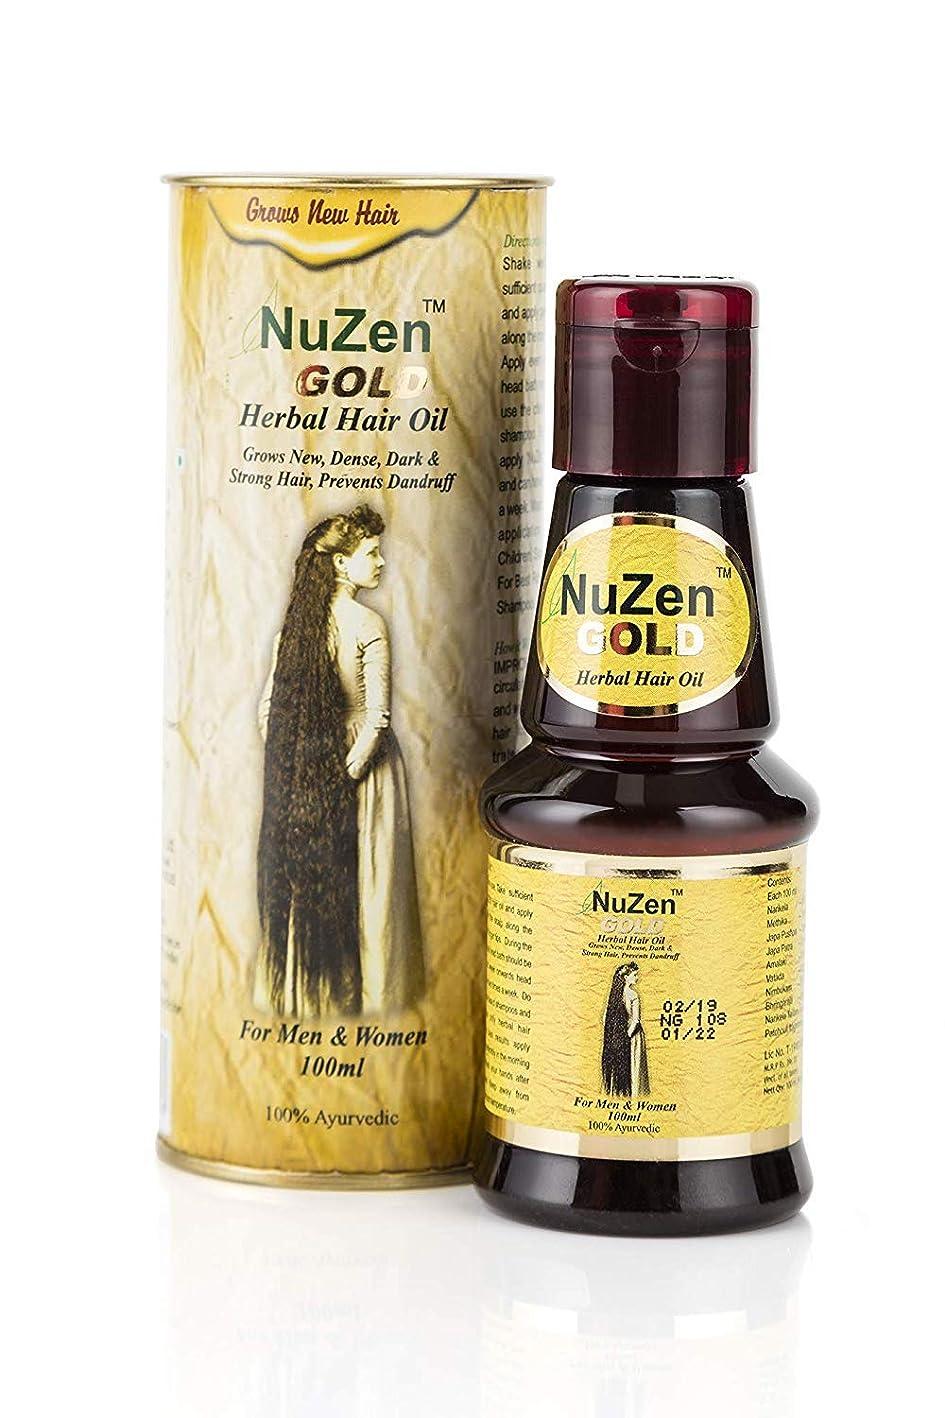 なめる領事館ビジターNuzen Gold Herbal Hair Oil 100ml Grows New Dark & Strong Hairs Prevents Dandruff Nuzenゴールドハーブヘアオイルが成長する新しいダーク&ストロングヘアがフケを防ぎます